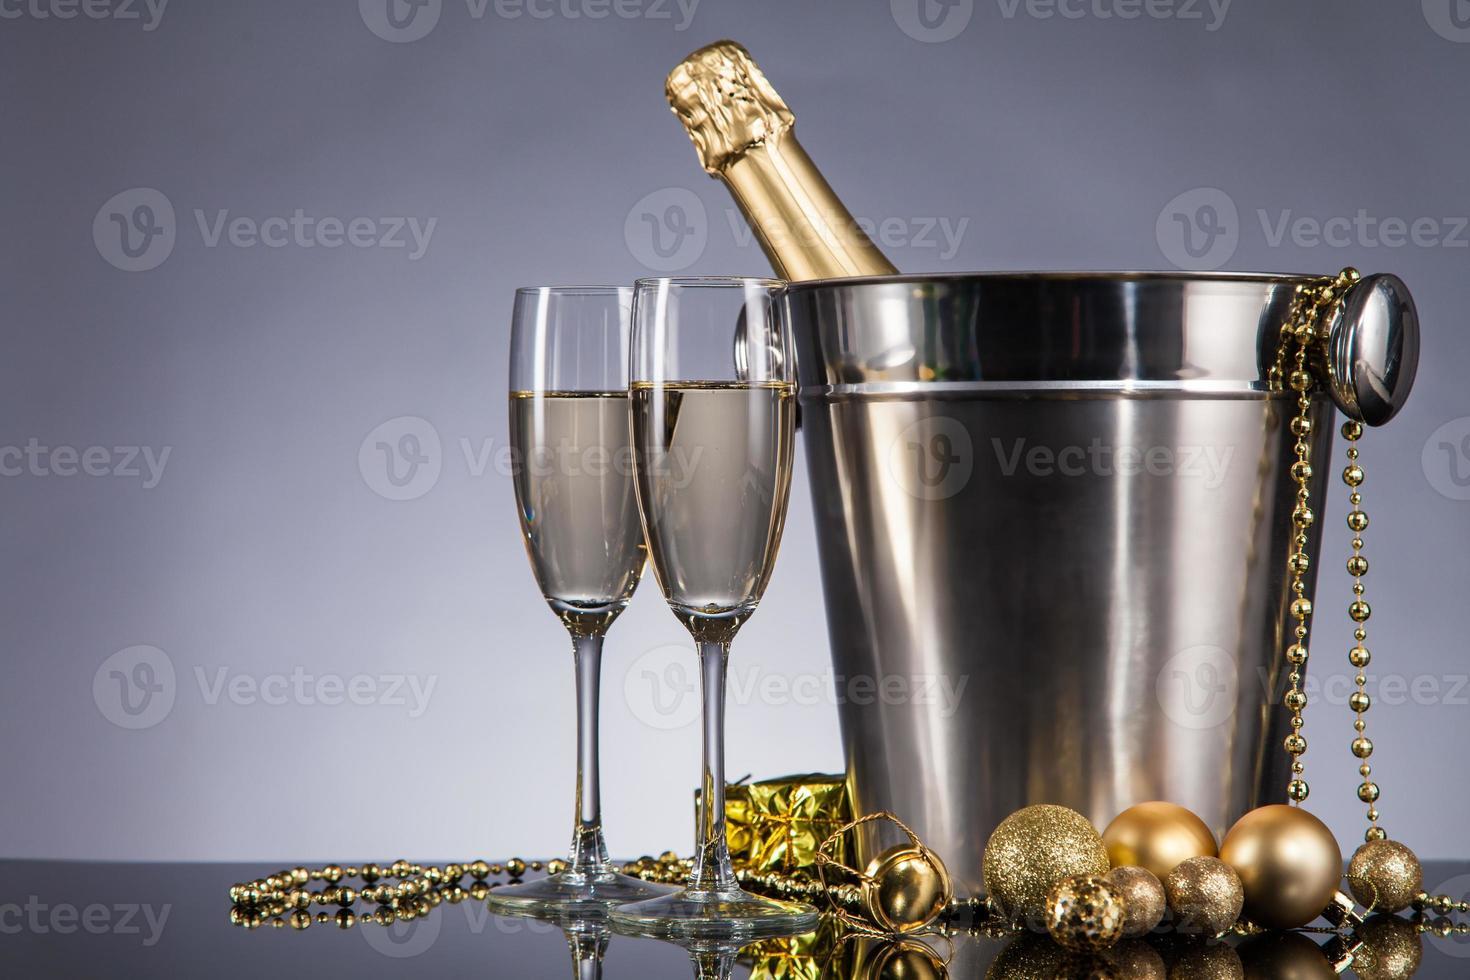 tema de celebración con champán bodegón foto